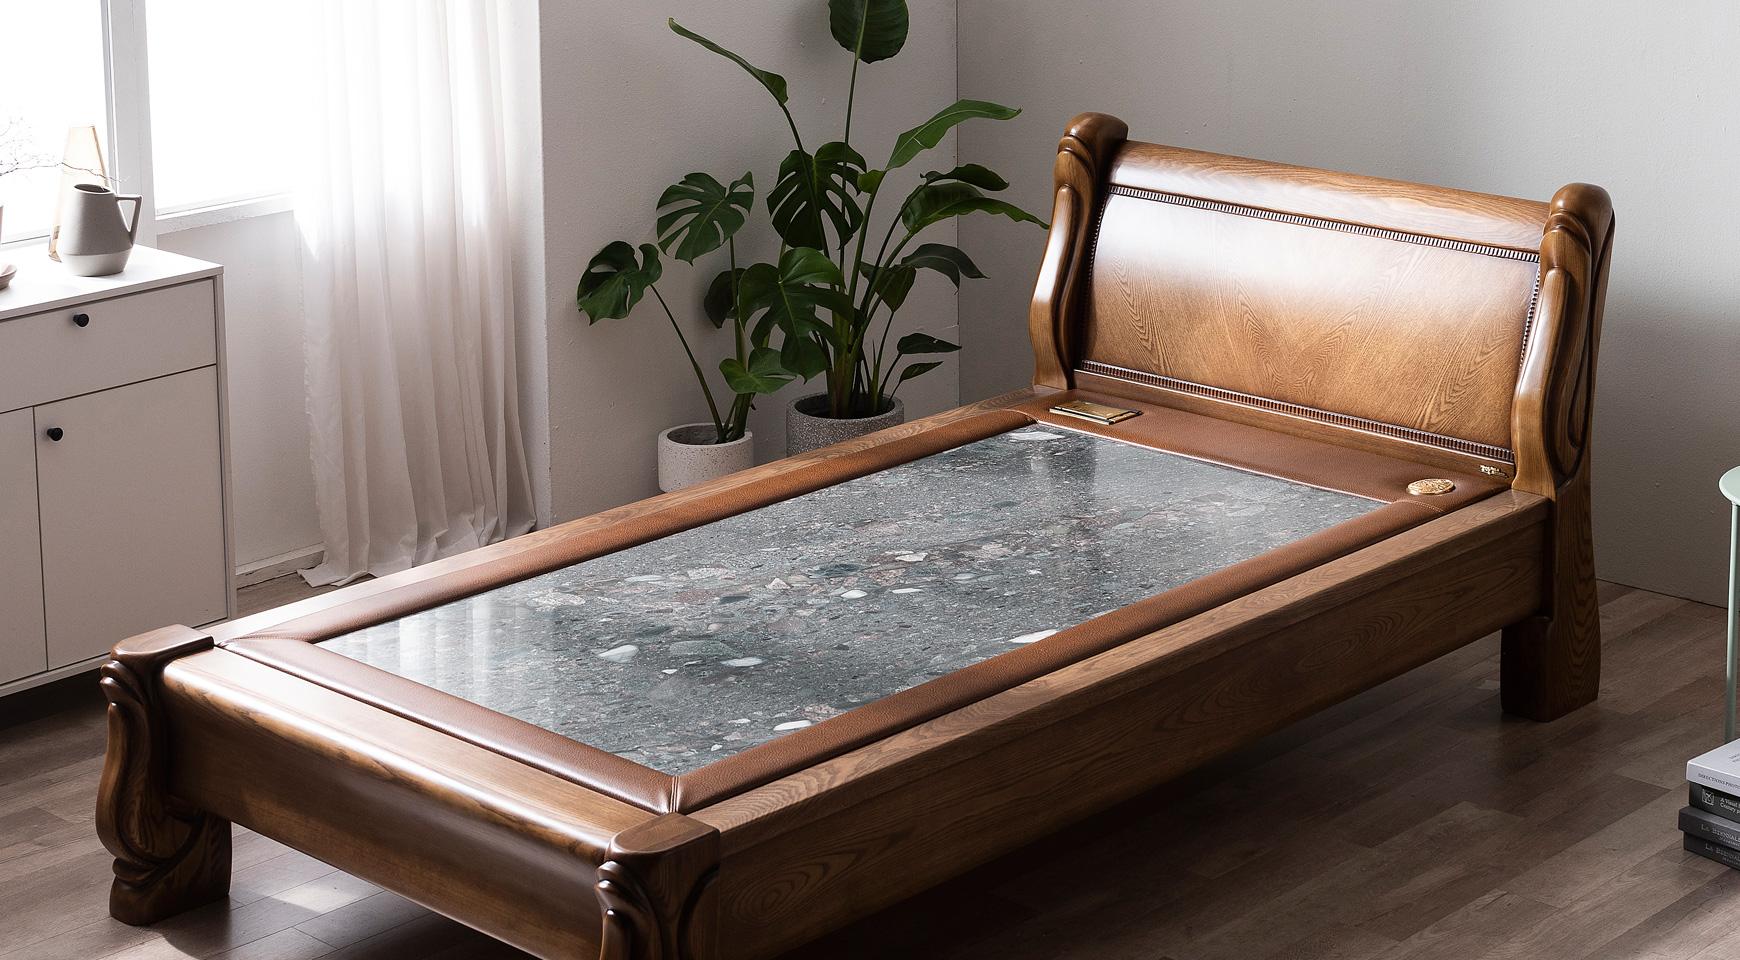 岩盤浴ベッド&遠赤外線天然石ベッド